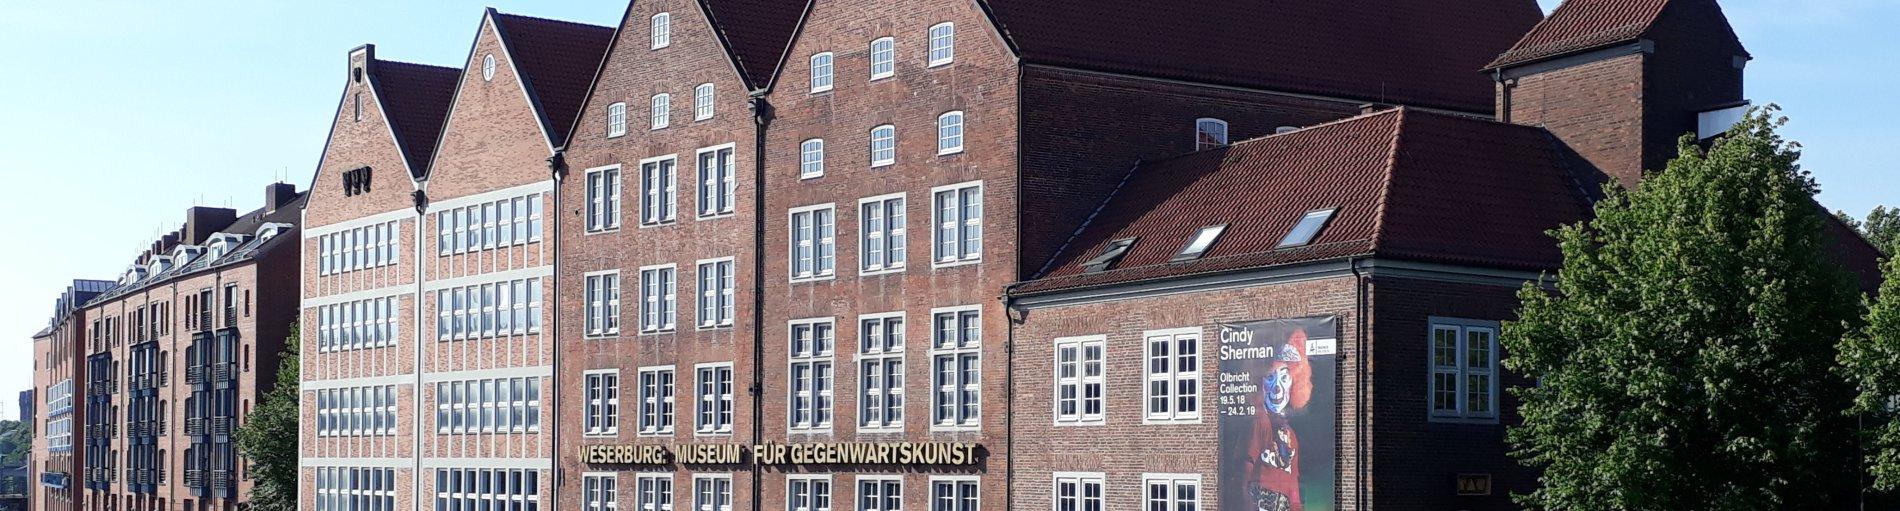 die Fassade der Weserburg